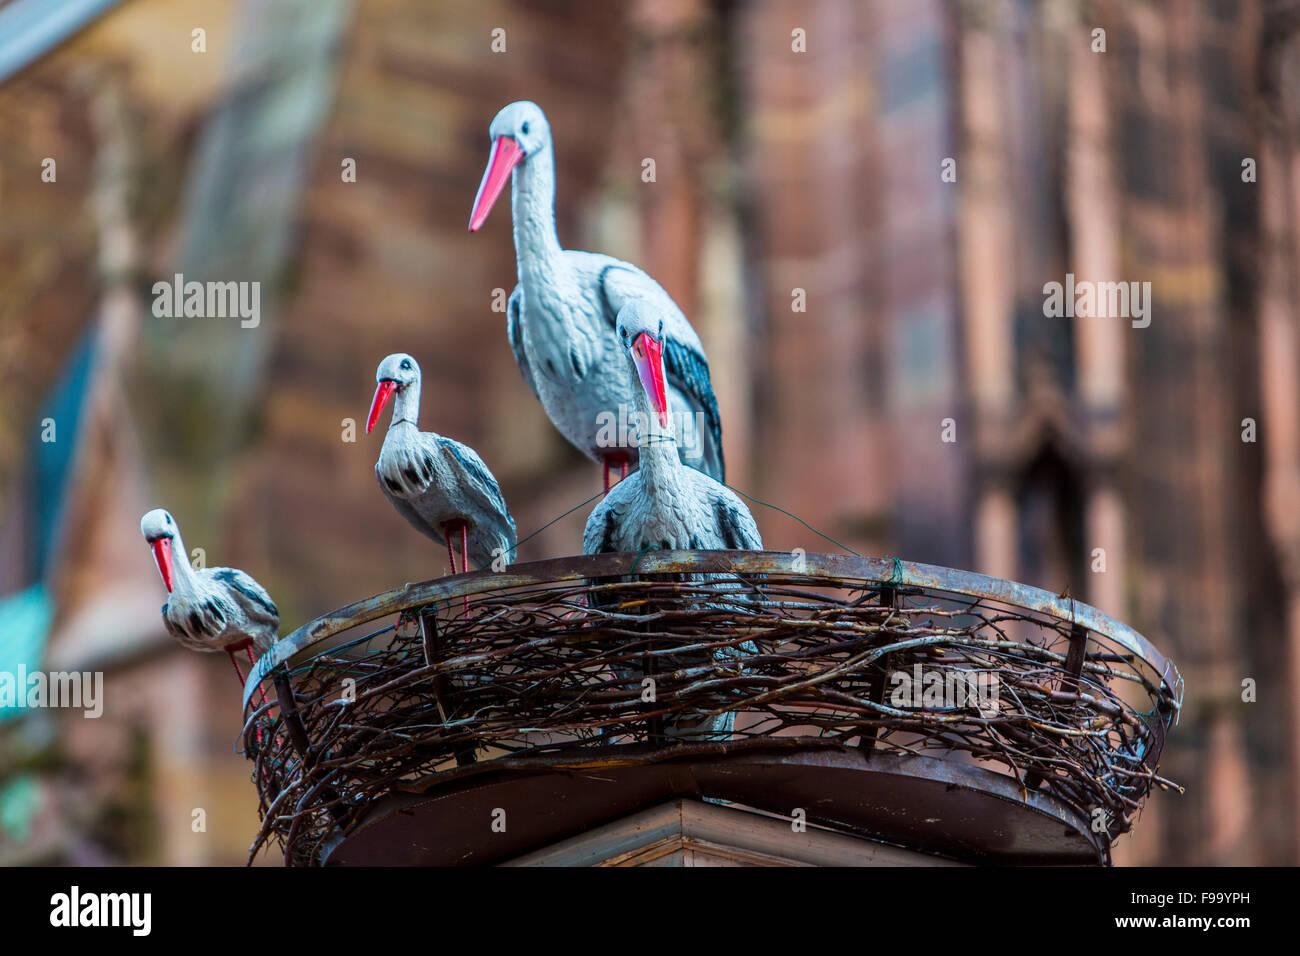 Les cigognes alsaciennes, emblème, un chiffre symbolique, Strasbourg, Alsace, France, Photo Stock